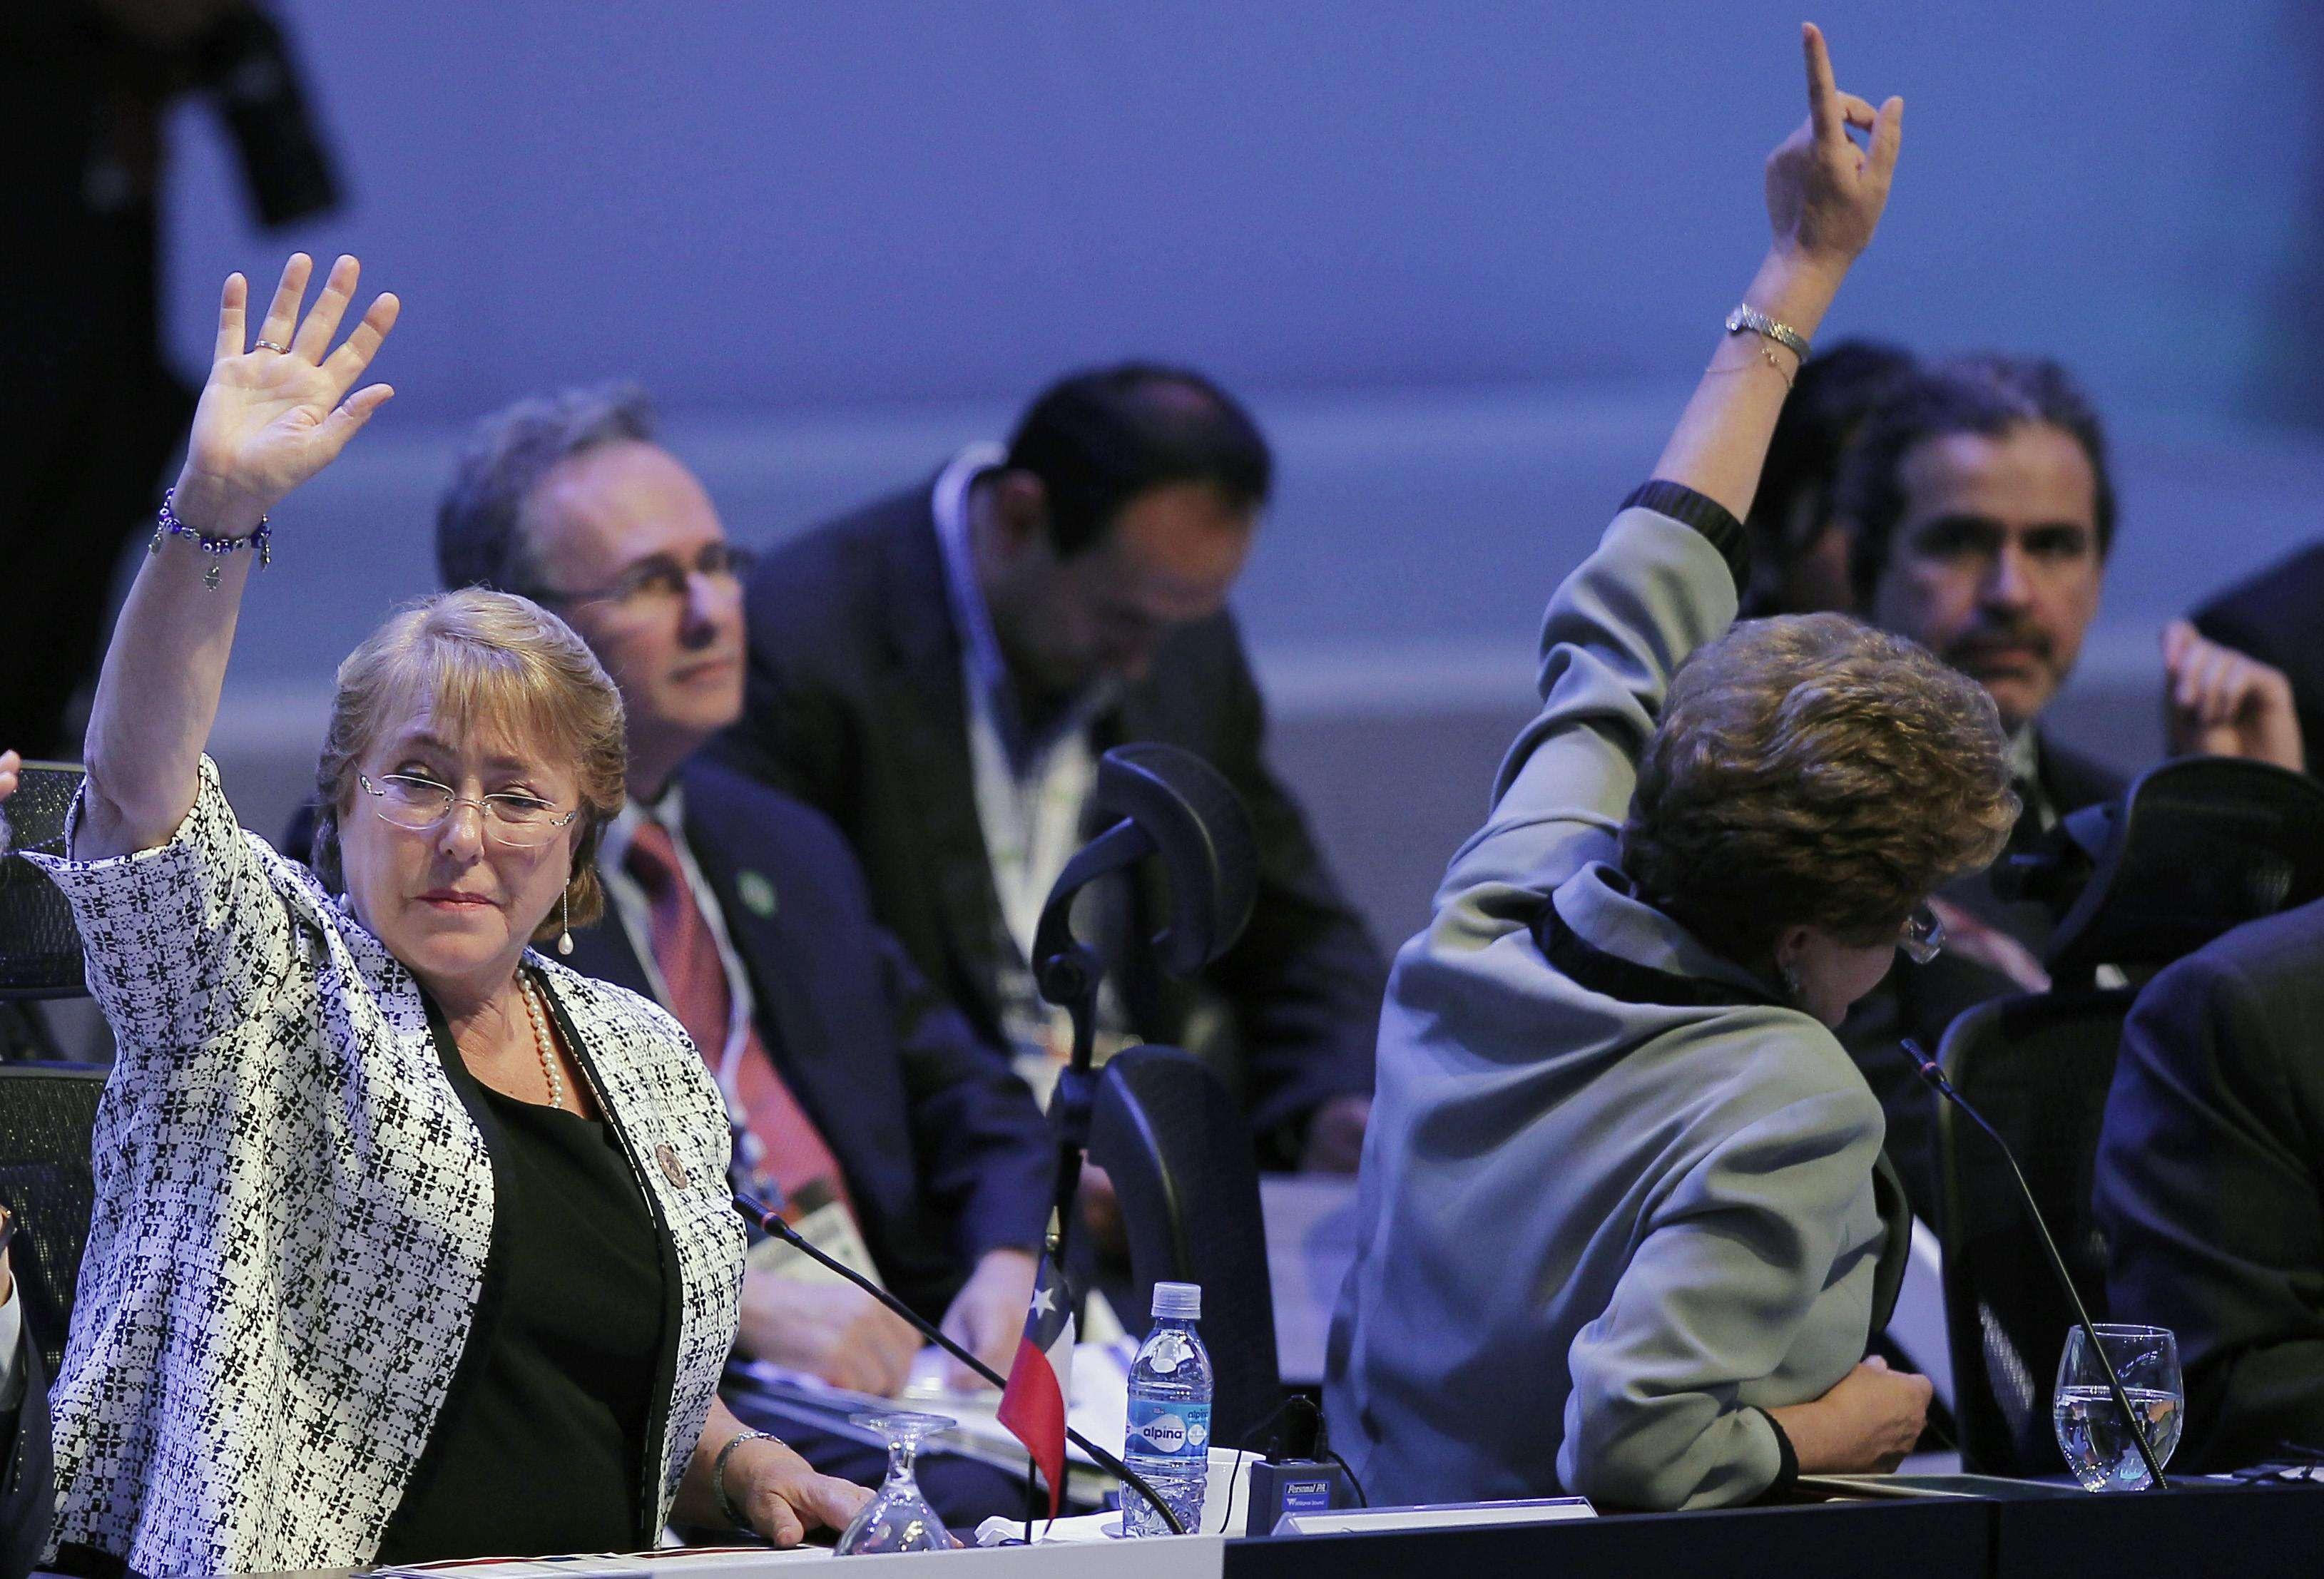 La presidenta Michelle Bachelet junto a su par brasileña Dilma Rousseff (de espaldas) votan en la clausura de la reunión de la CELAC en Costa Rica, el 28 de enero de 2015. Foto: Reuters In English